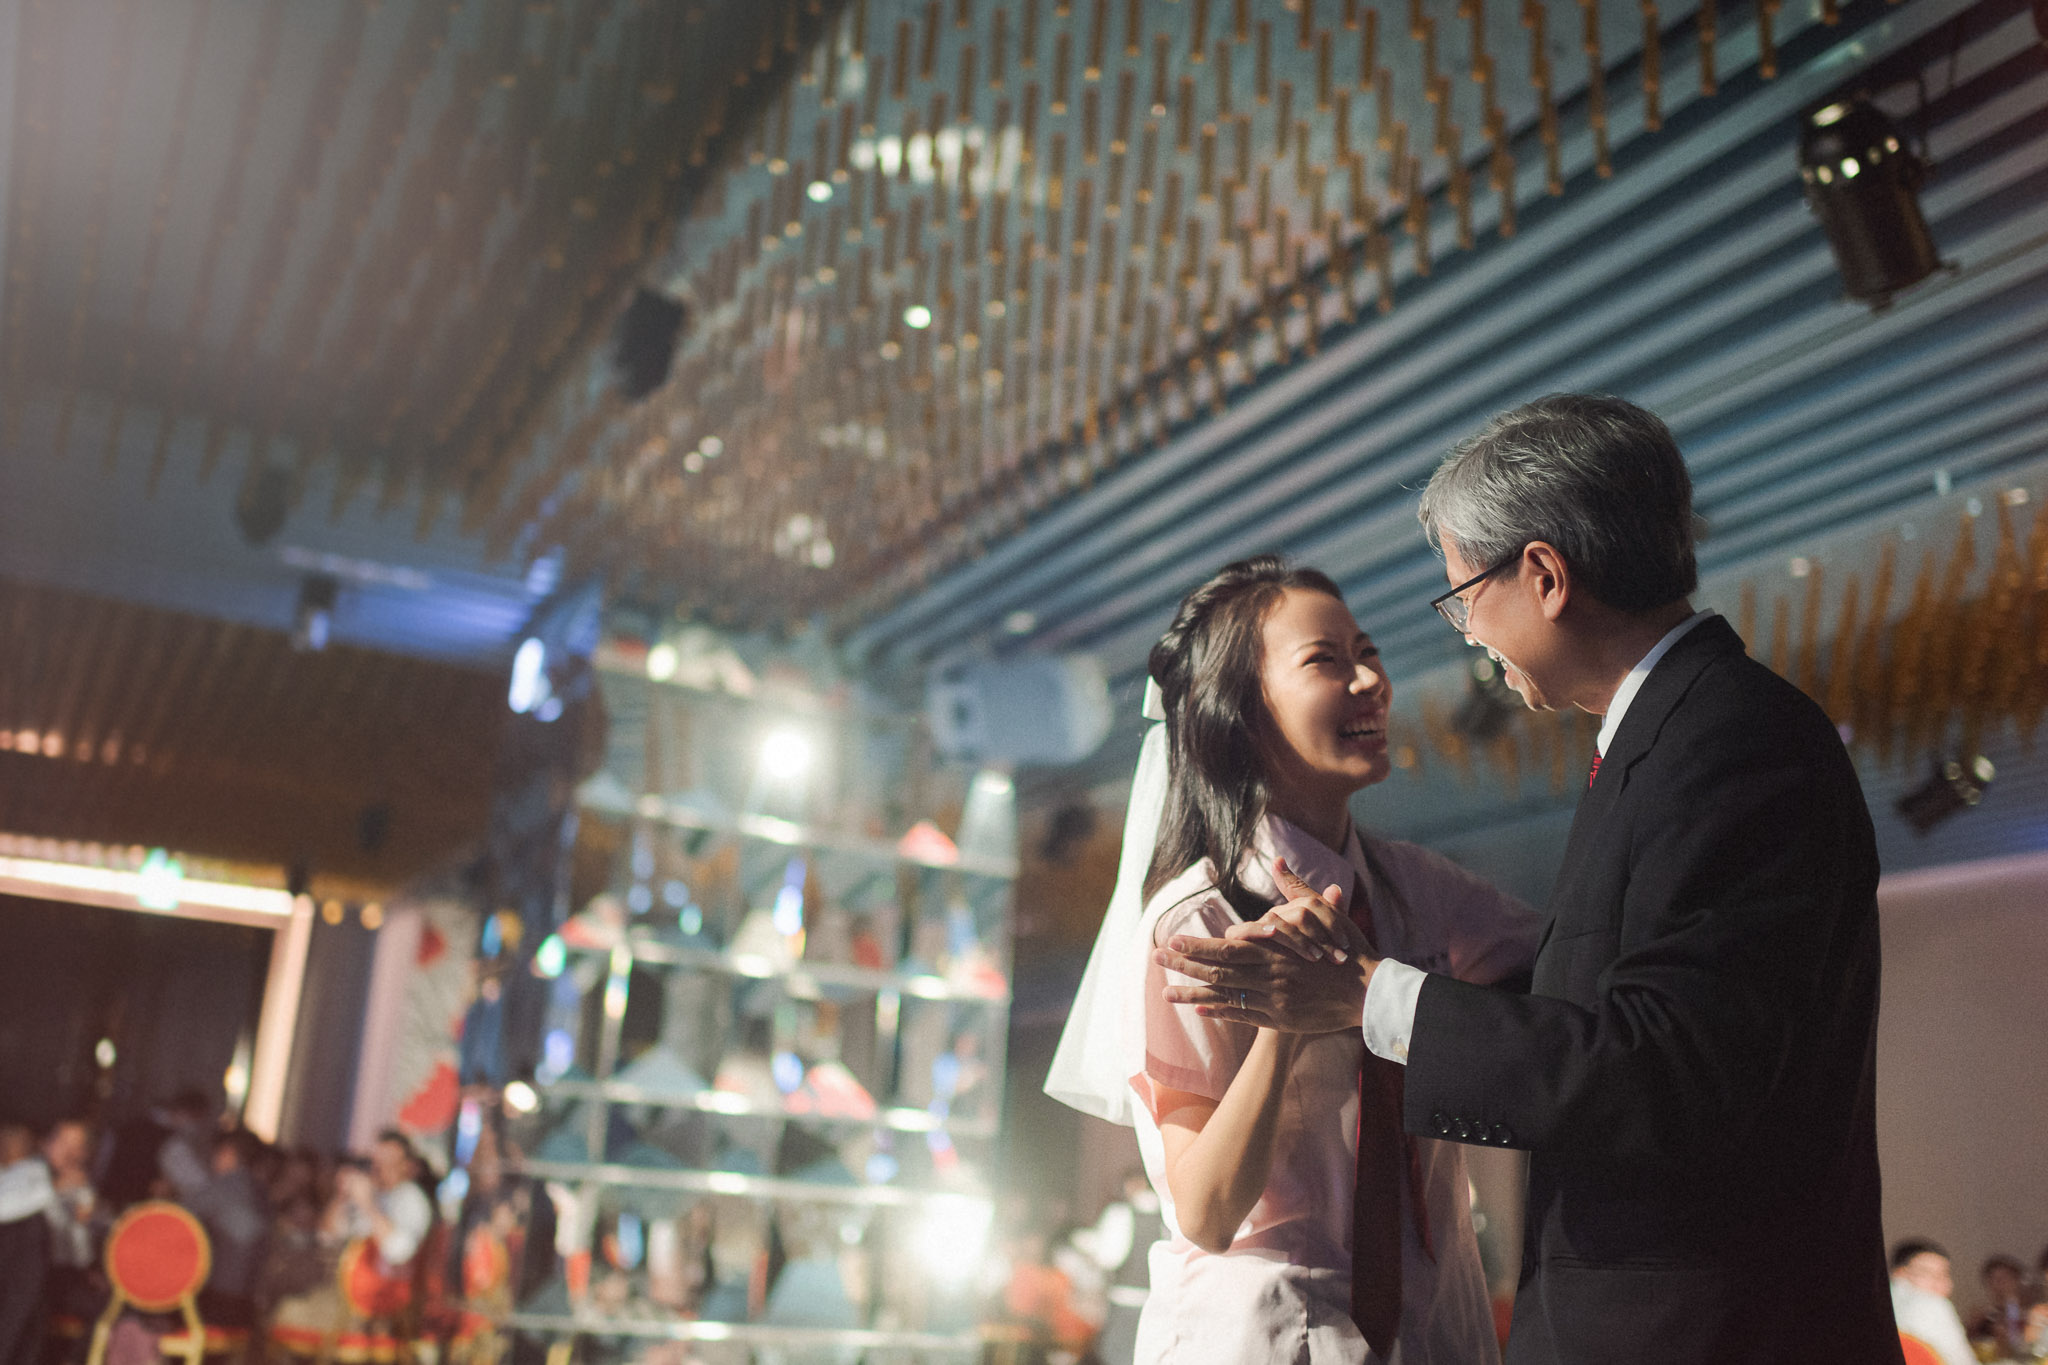 偏鄉教師,TFT,小眼攝影,小眼,婚攝,訂婚,傅祐承,台北,婚禮攝影,婚禮紀實,婚禮紀錄,推薦,白紗,迎娶,婚禮